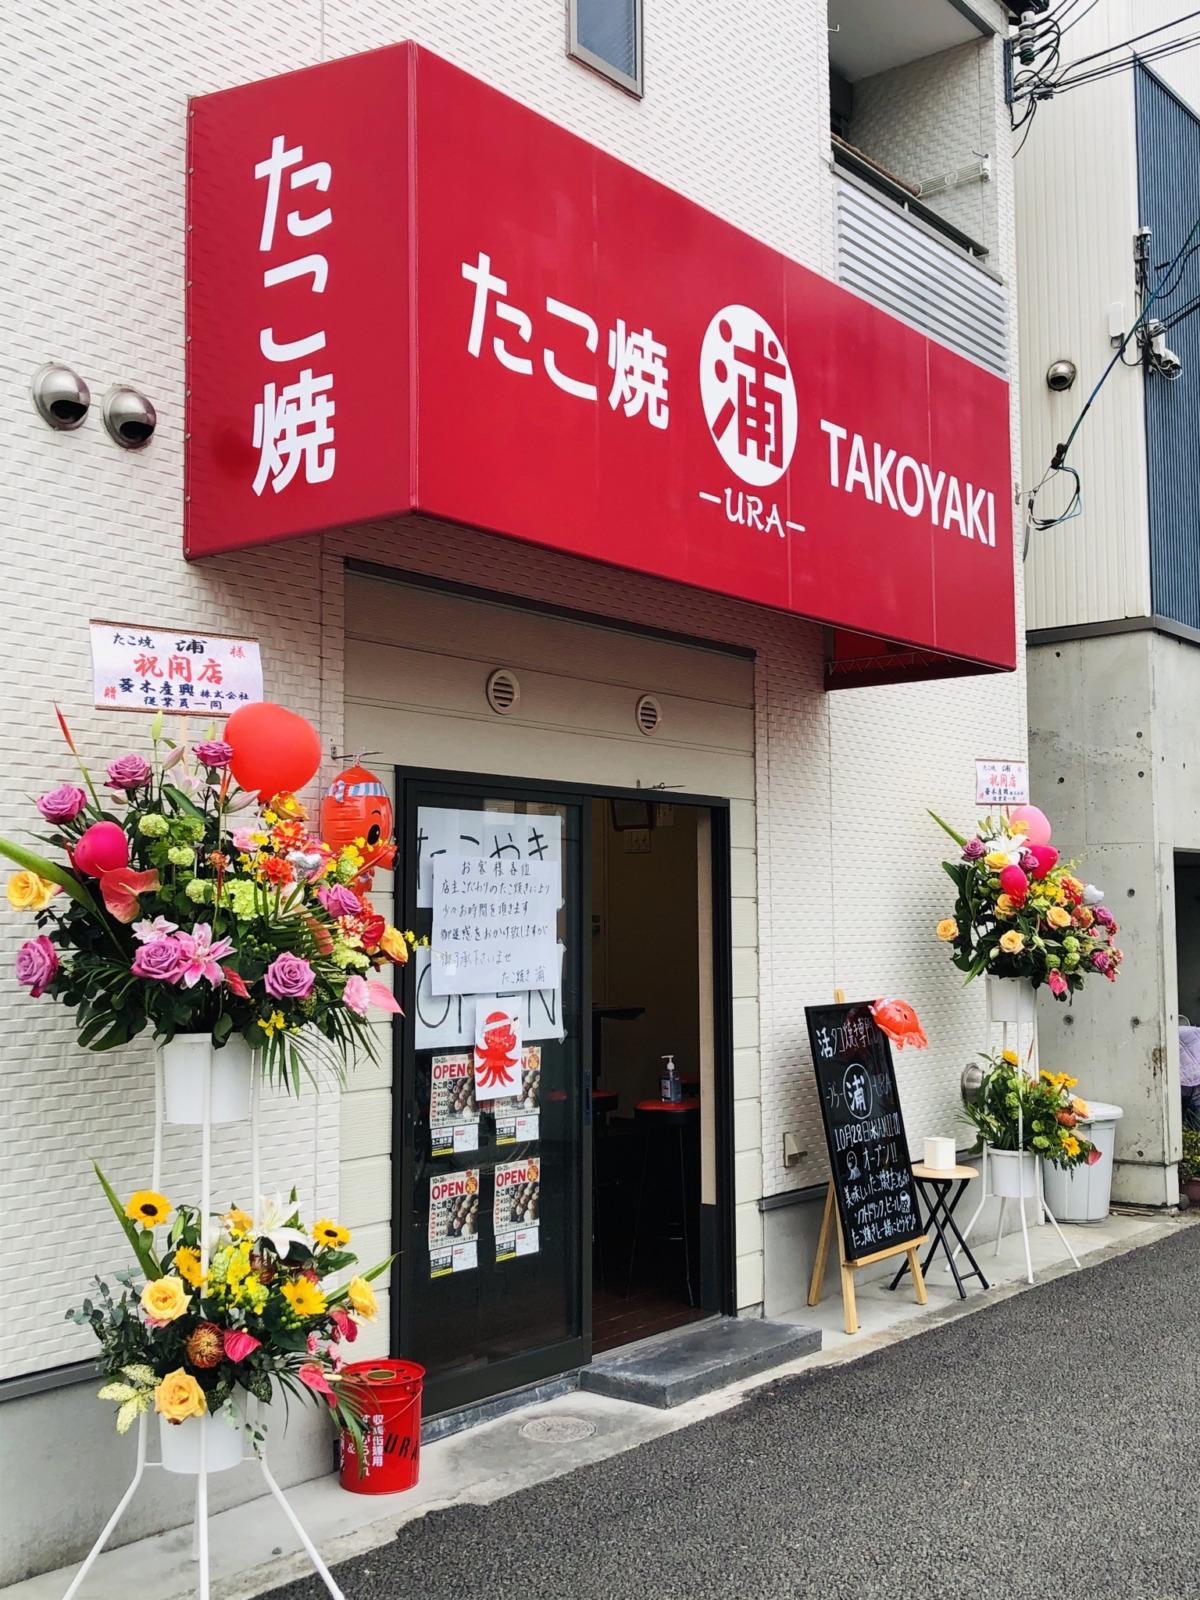 【2020.10/28オープンしました】堺区・堺市駅近くに食事も楽しめるたこ焼き店 『たこ焼き 浦』がオープンしているよ!!: